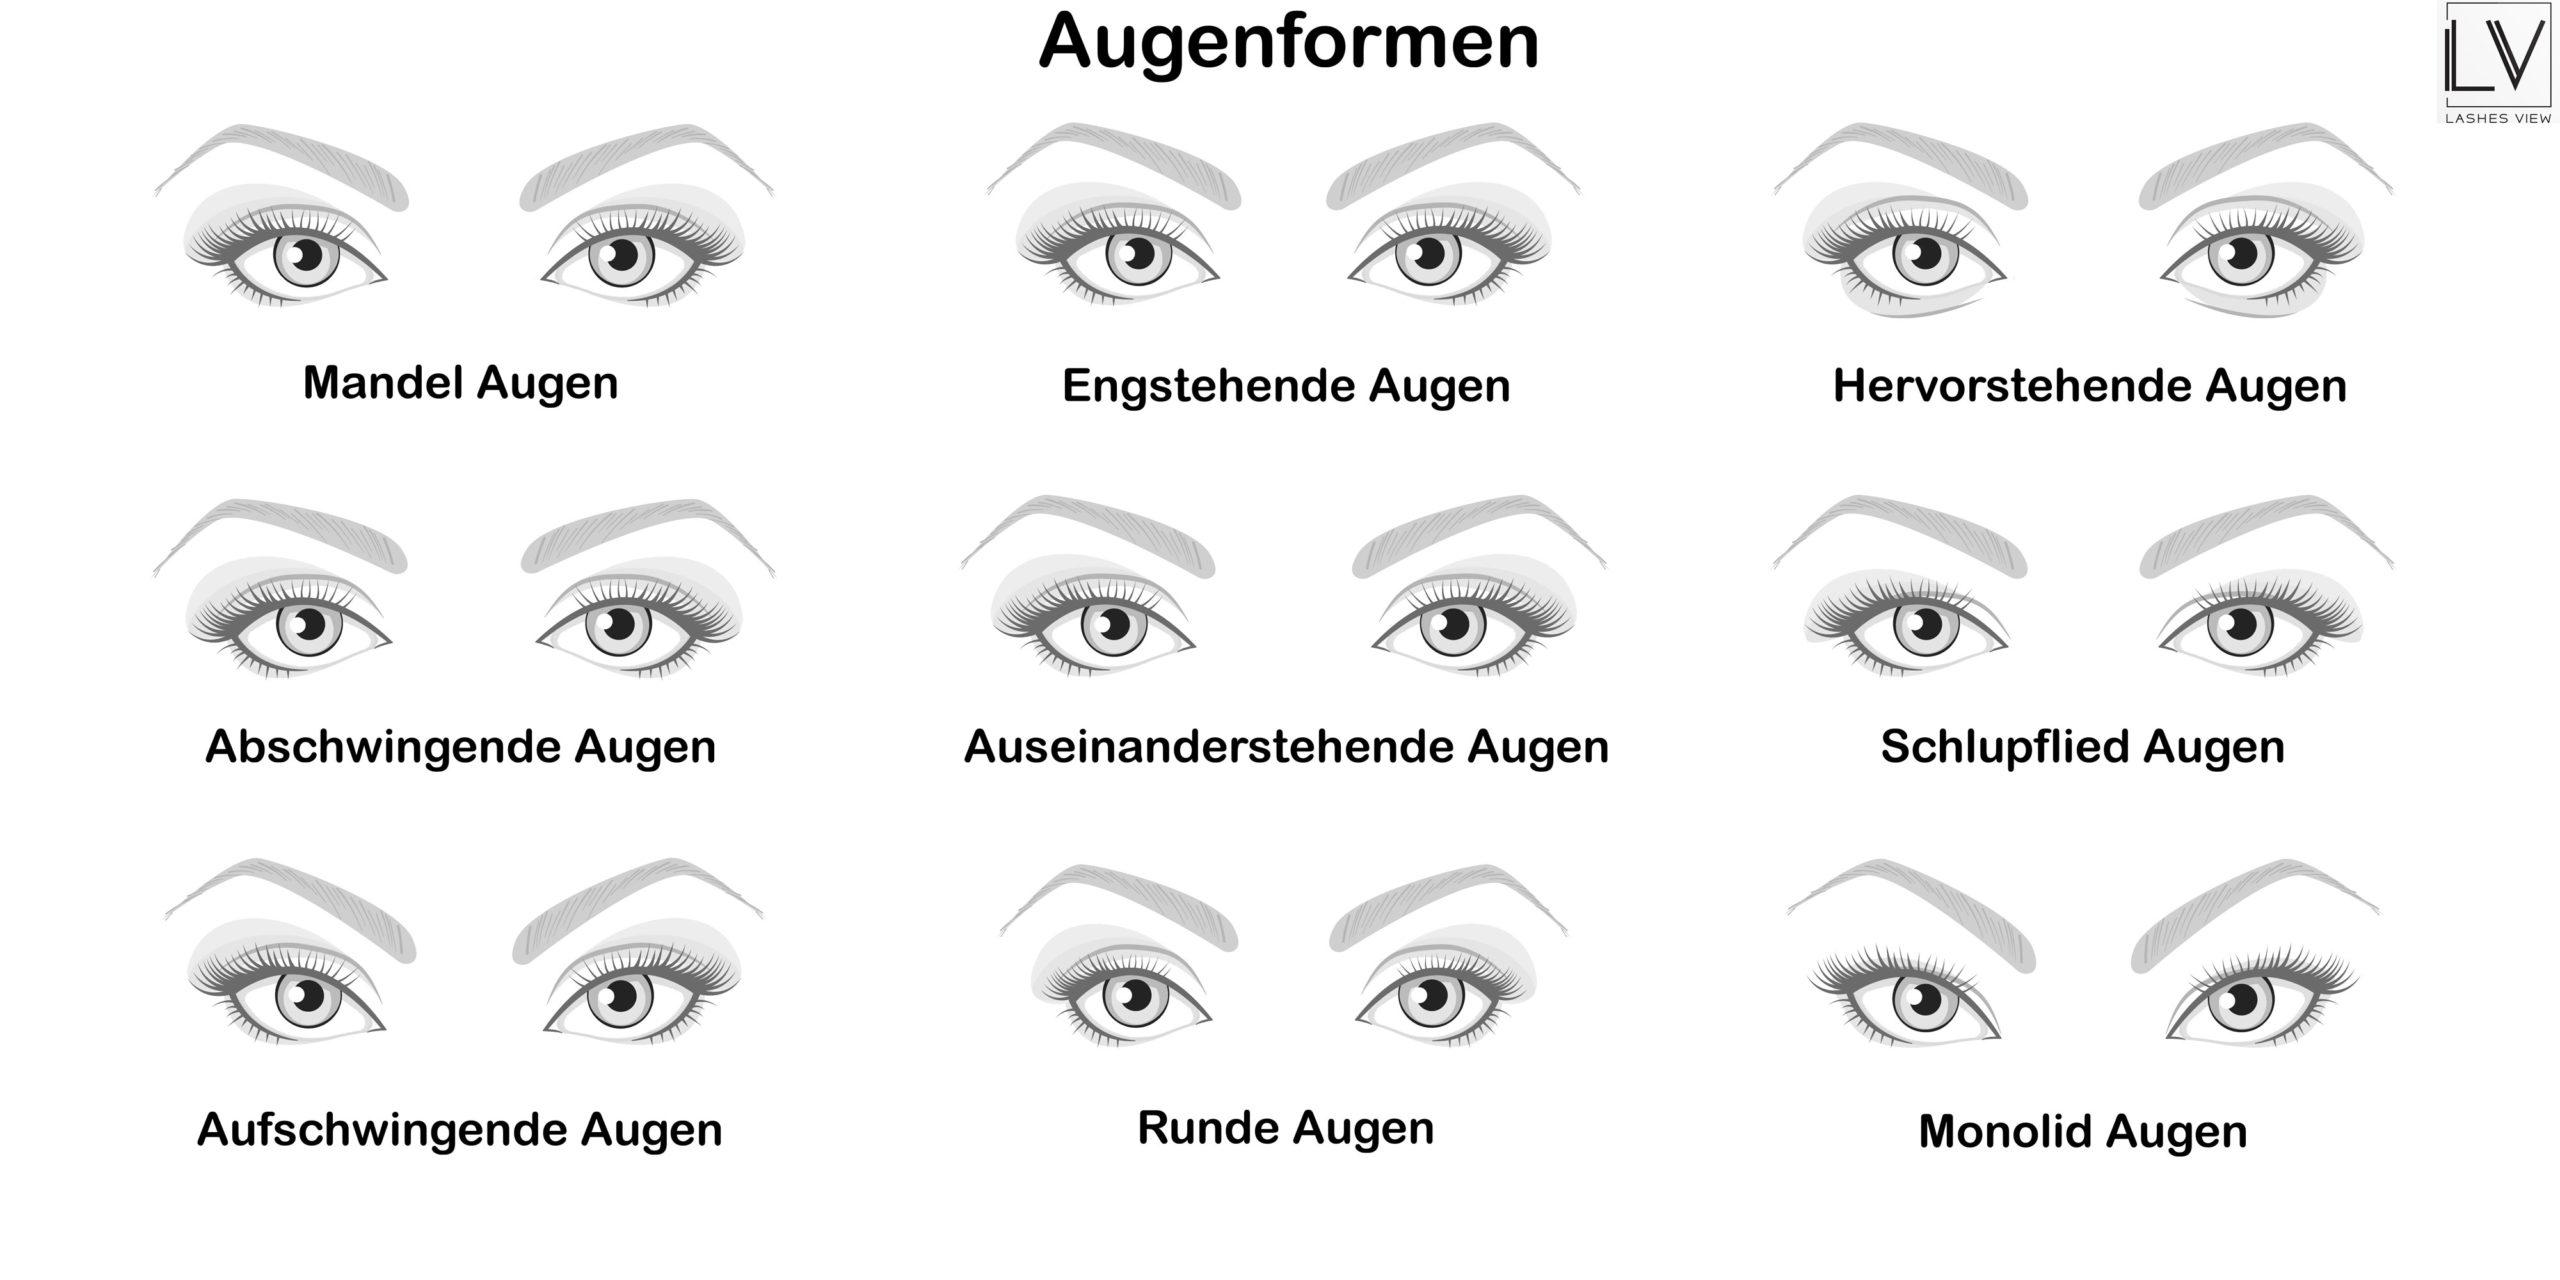 Wimperguide …. unser kleiner Berater hilft dir schnell die passenden Wimpern zu deinem Augentyp zu finden.